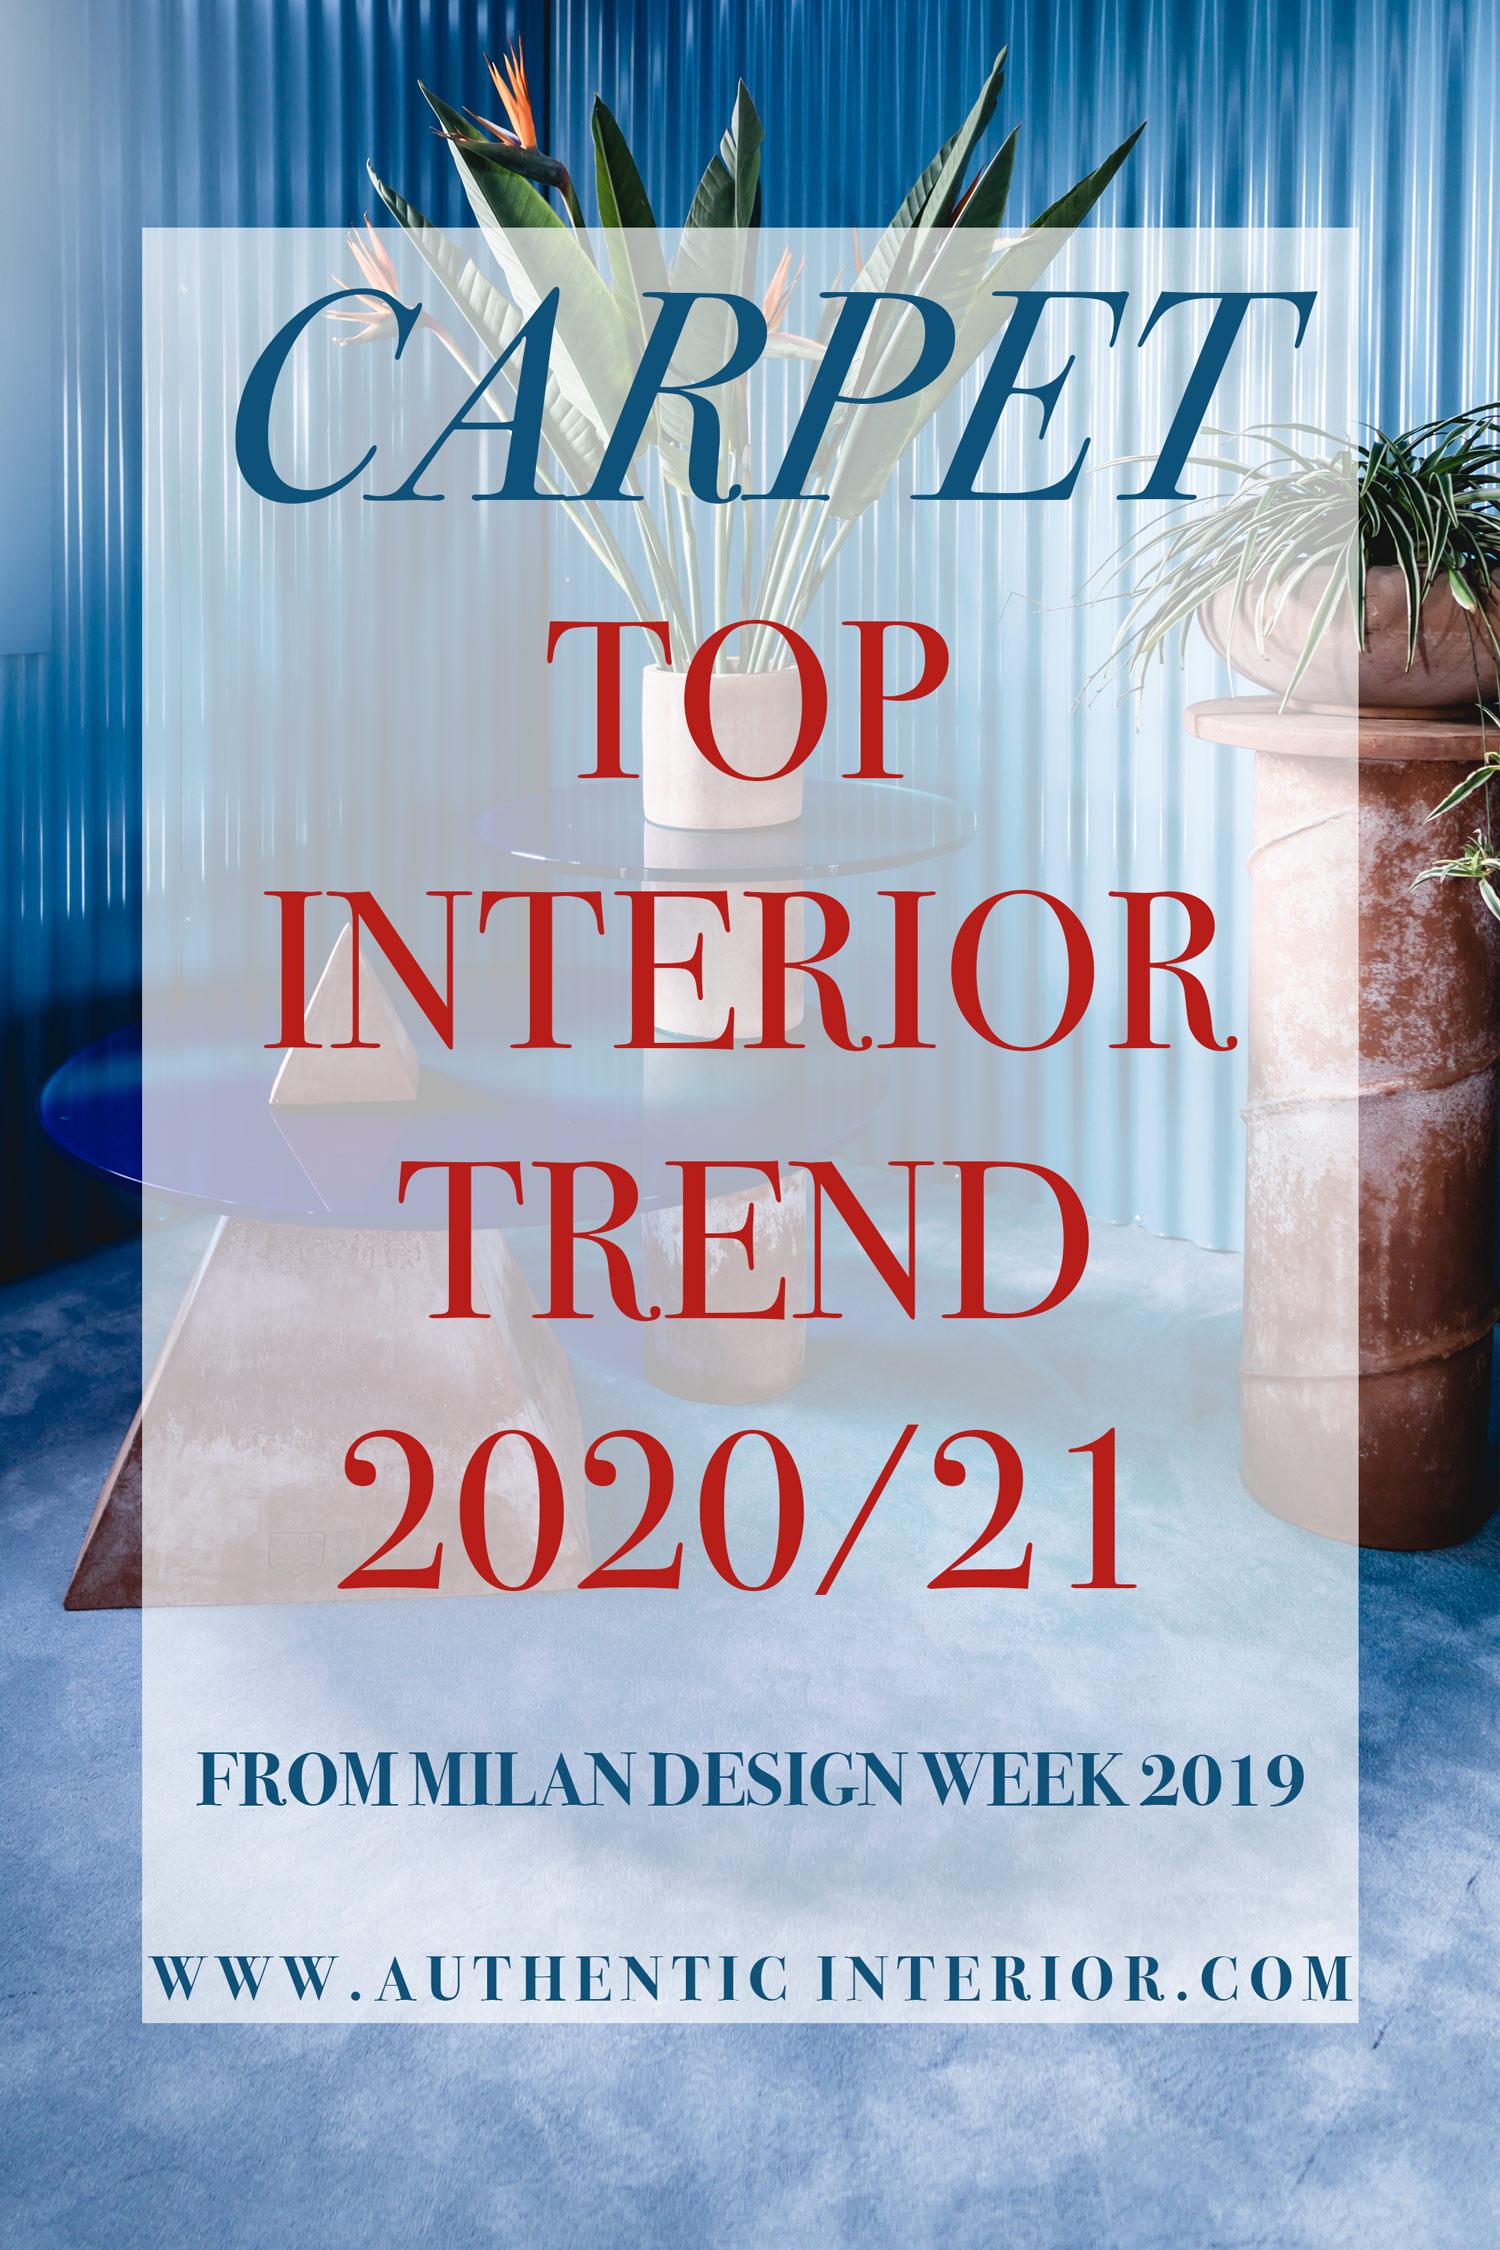 Interior design trends for 2020 - Carpet interior trend - Authentic Interior design studio & blog www.authenticinterior.com